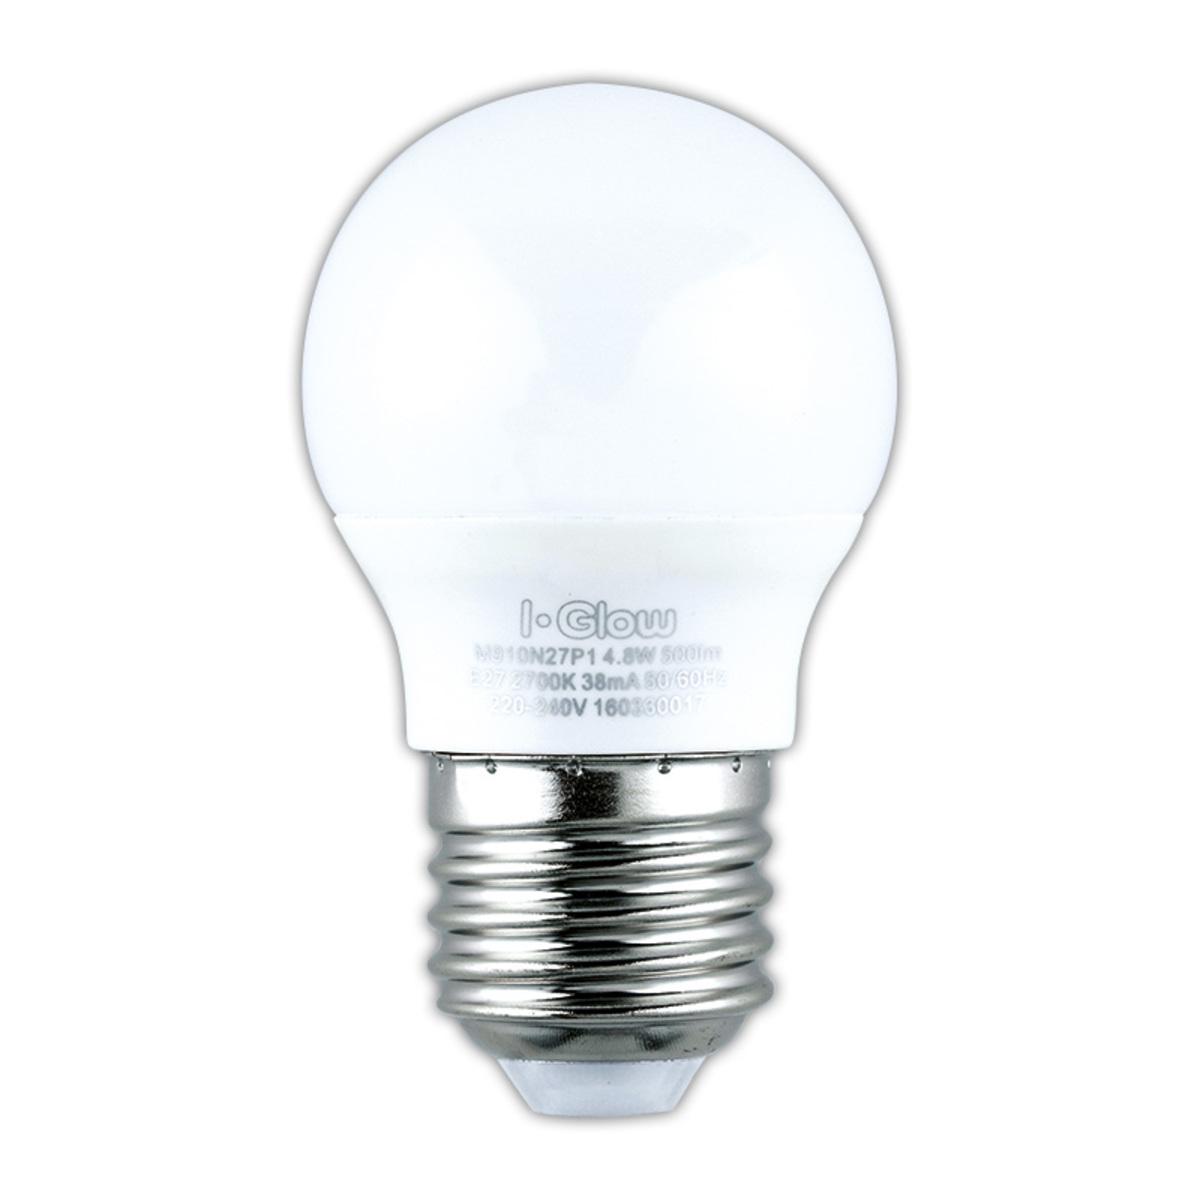 Bild 2 von I-Glow LED-Leuchtmittel